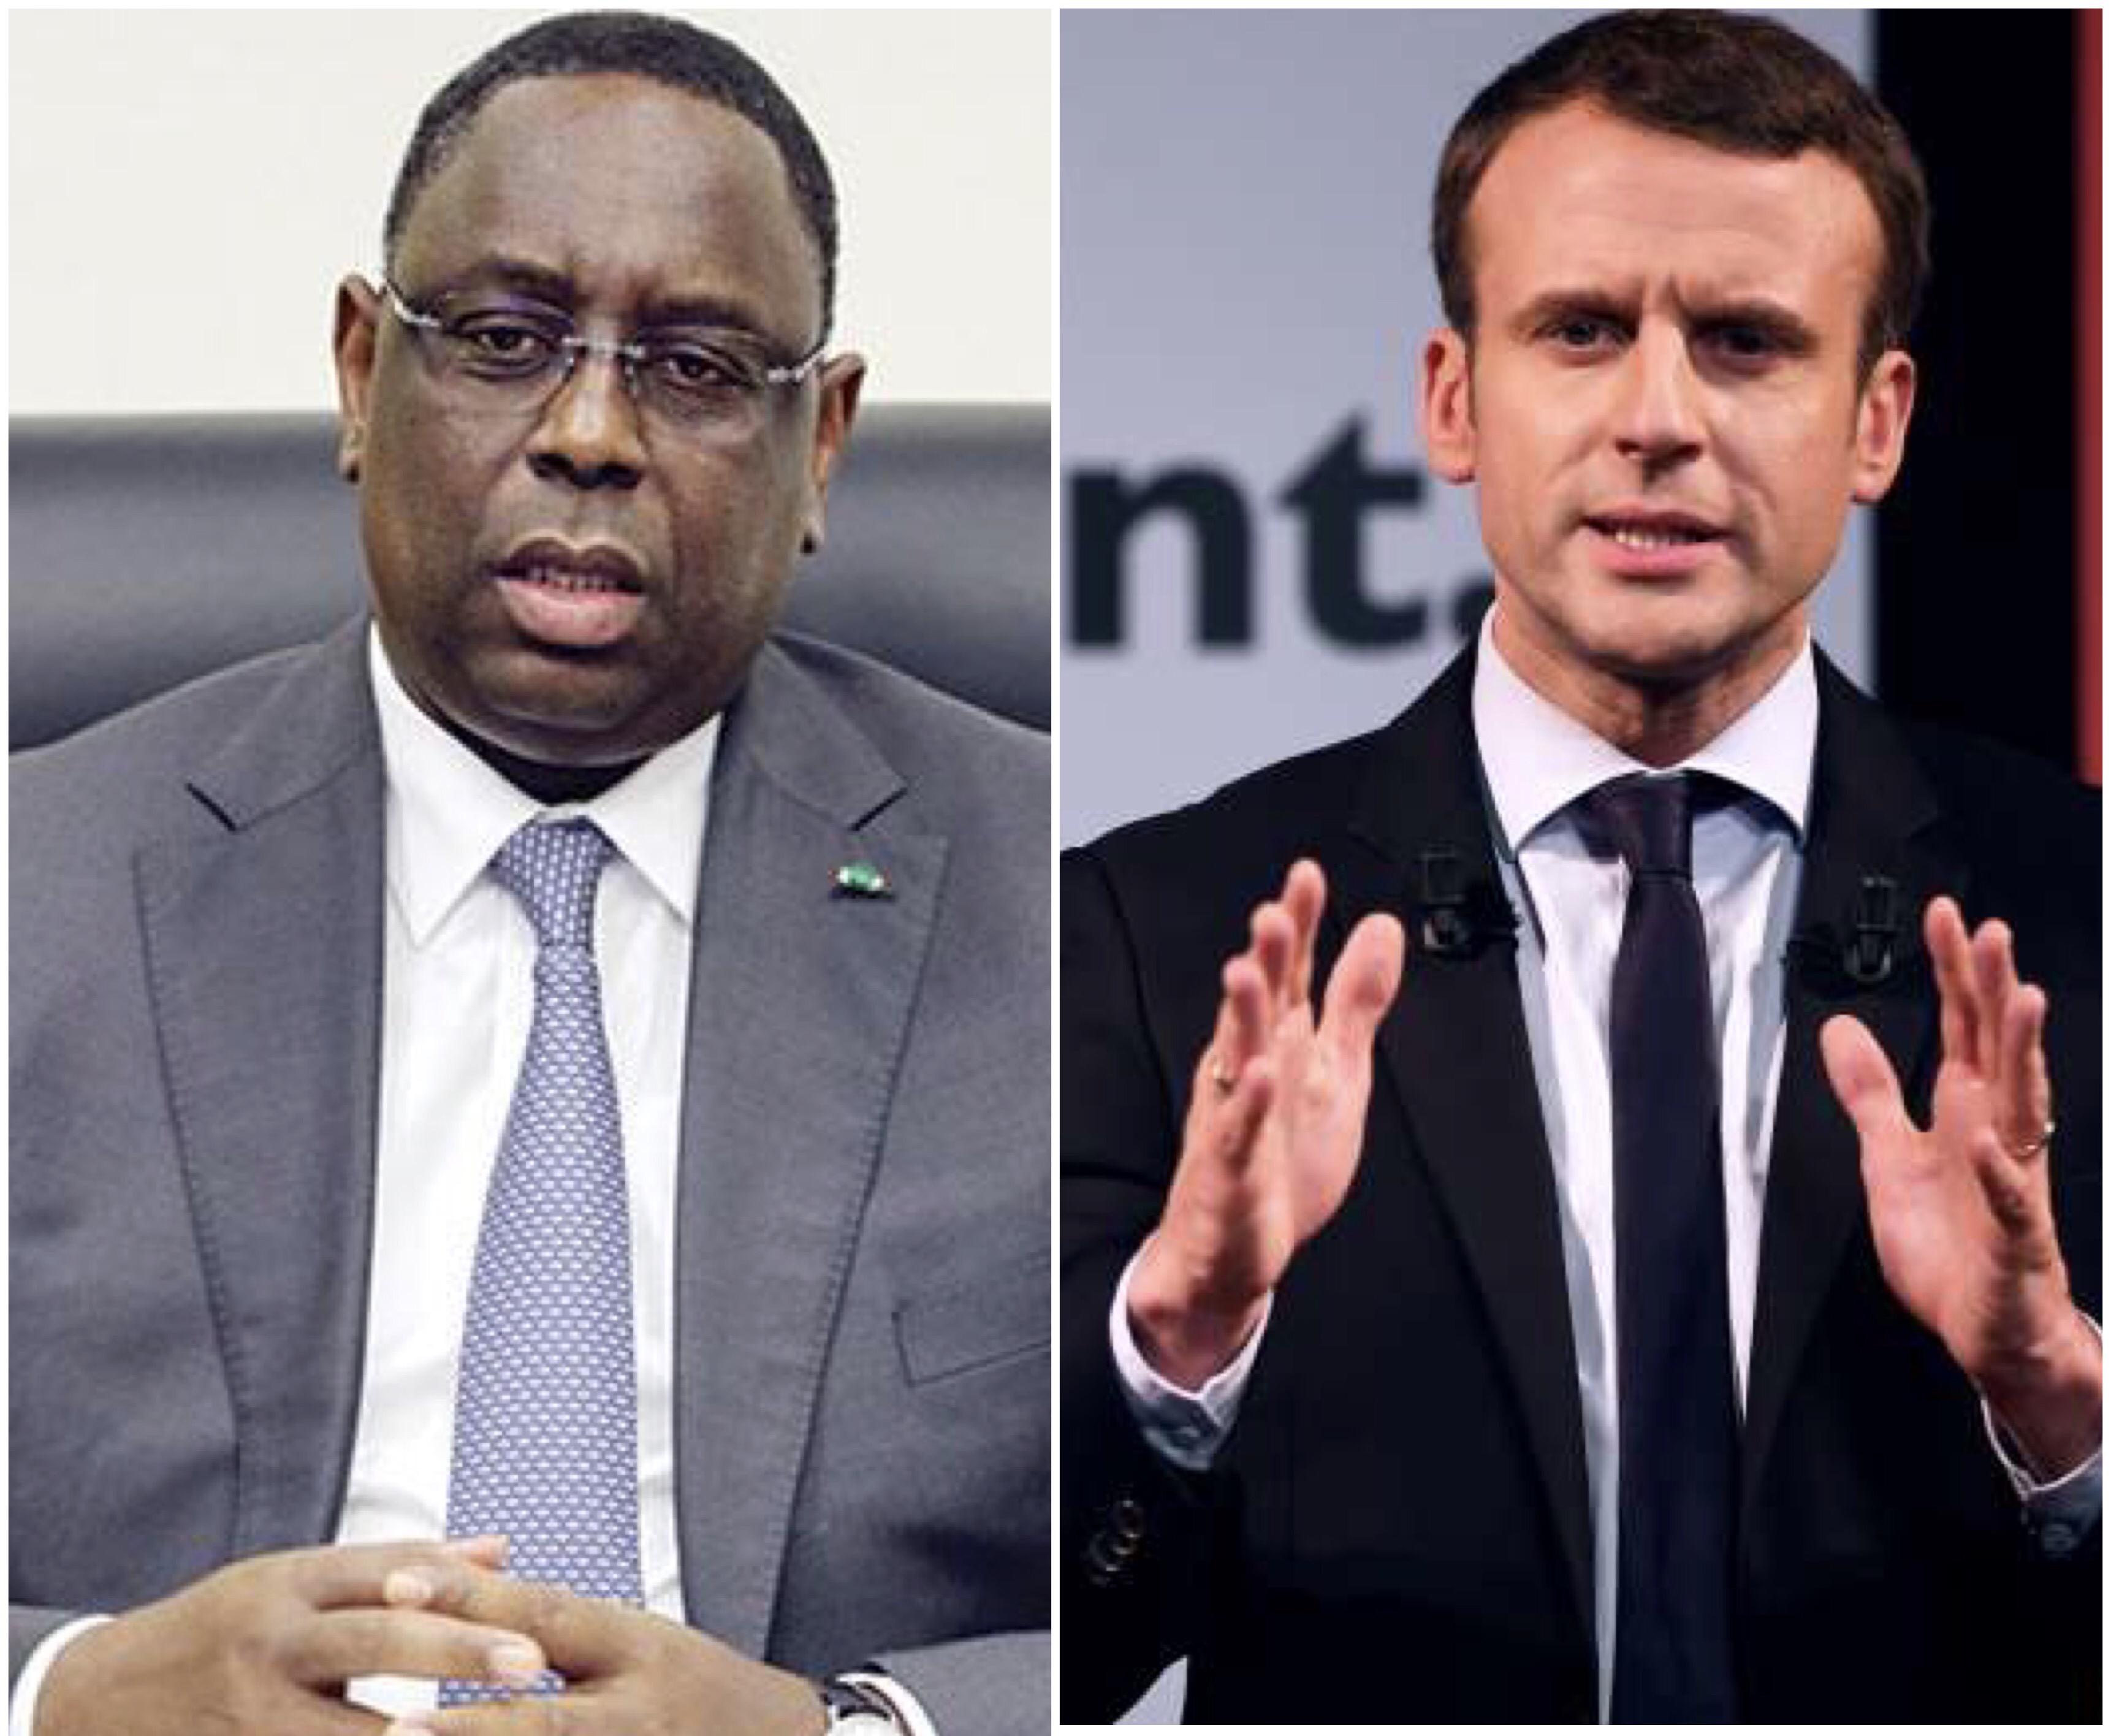 Macky Sall à l'Elysée : La question de la libération de Khalifa Sall au menu des discussions avec Macron?